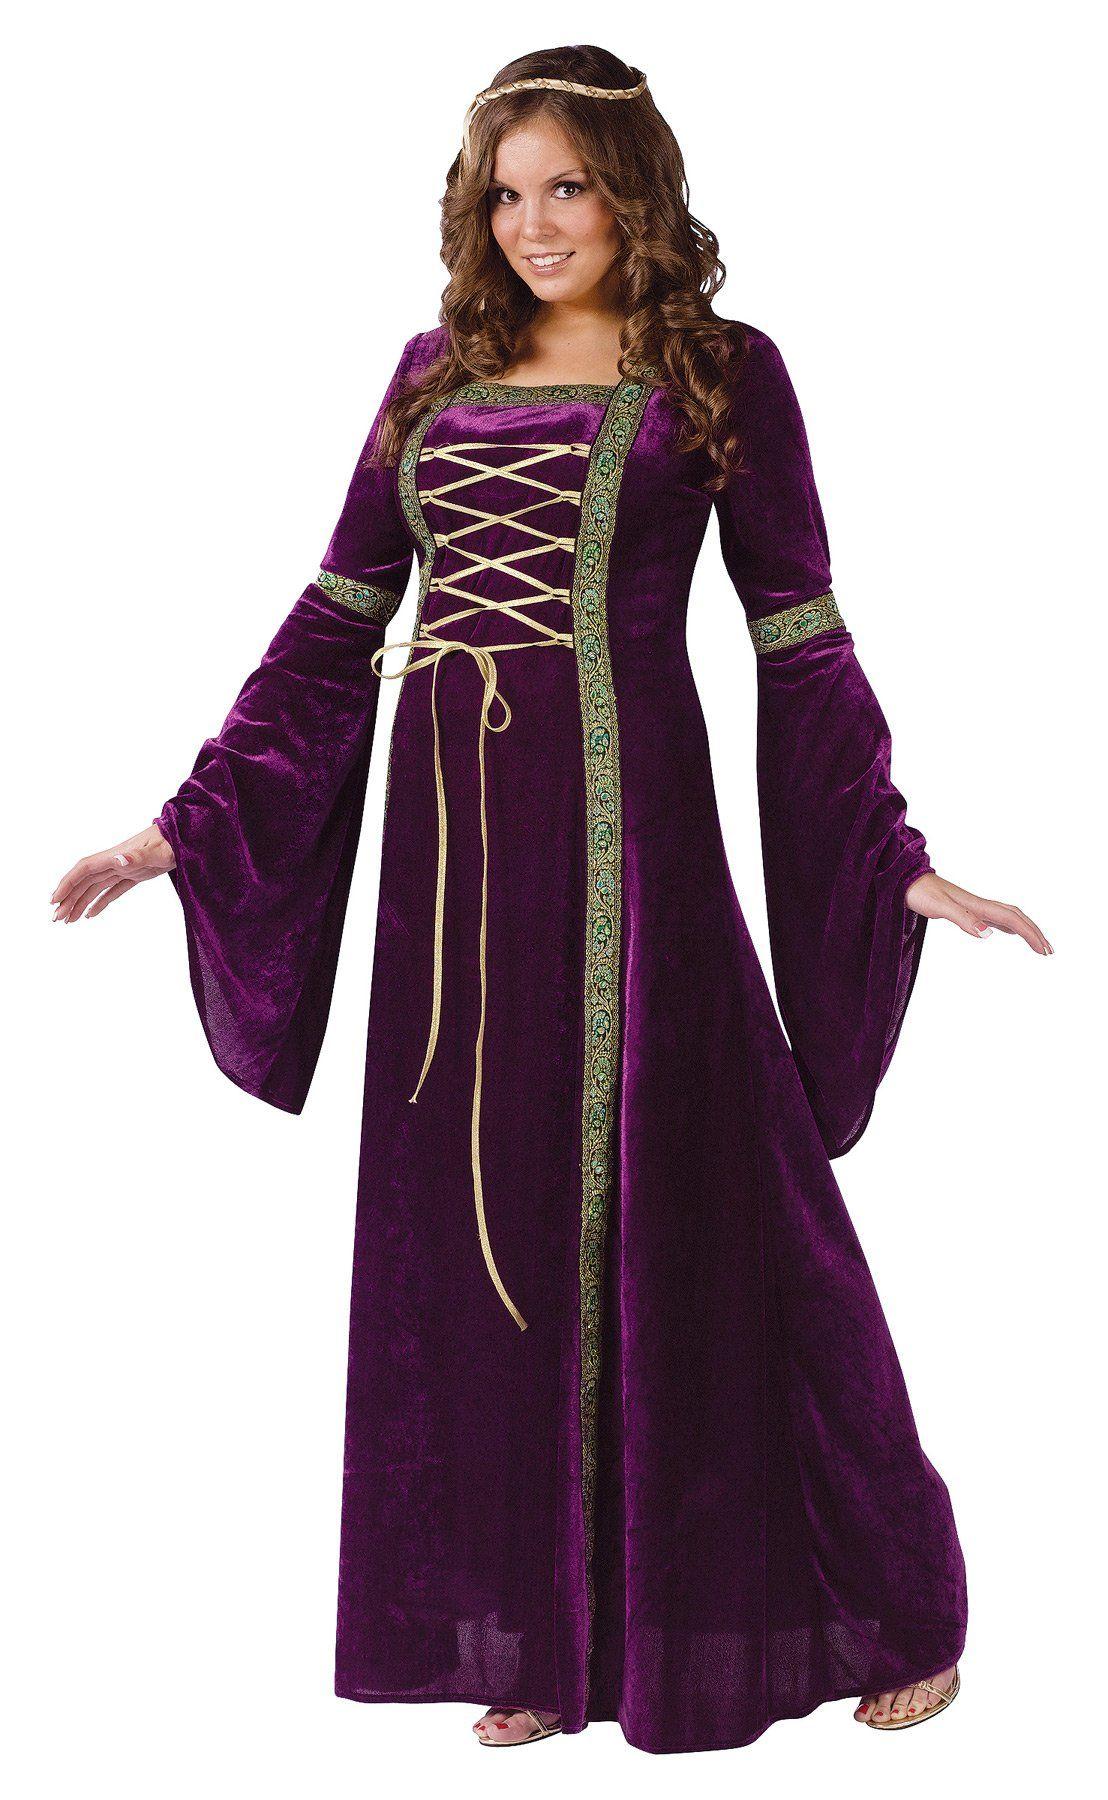 5e39d92593 Renaissance Lady Plus 16-24 | Products | Renaissance costume ...